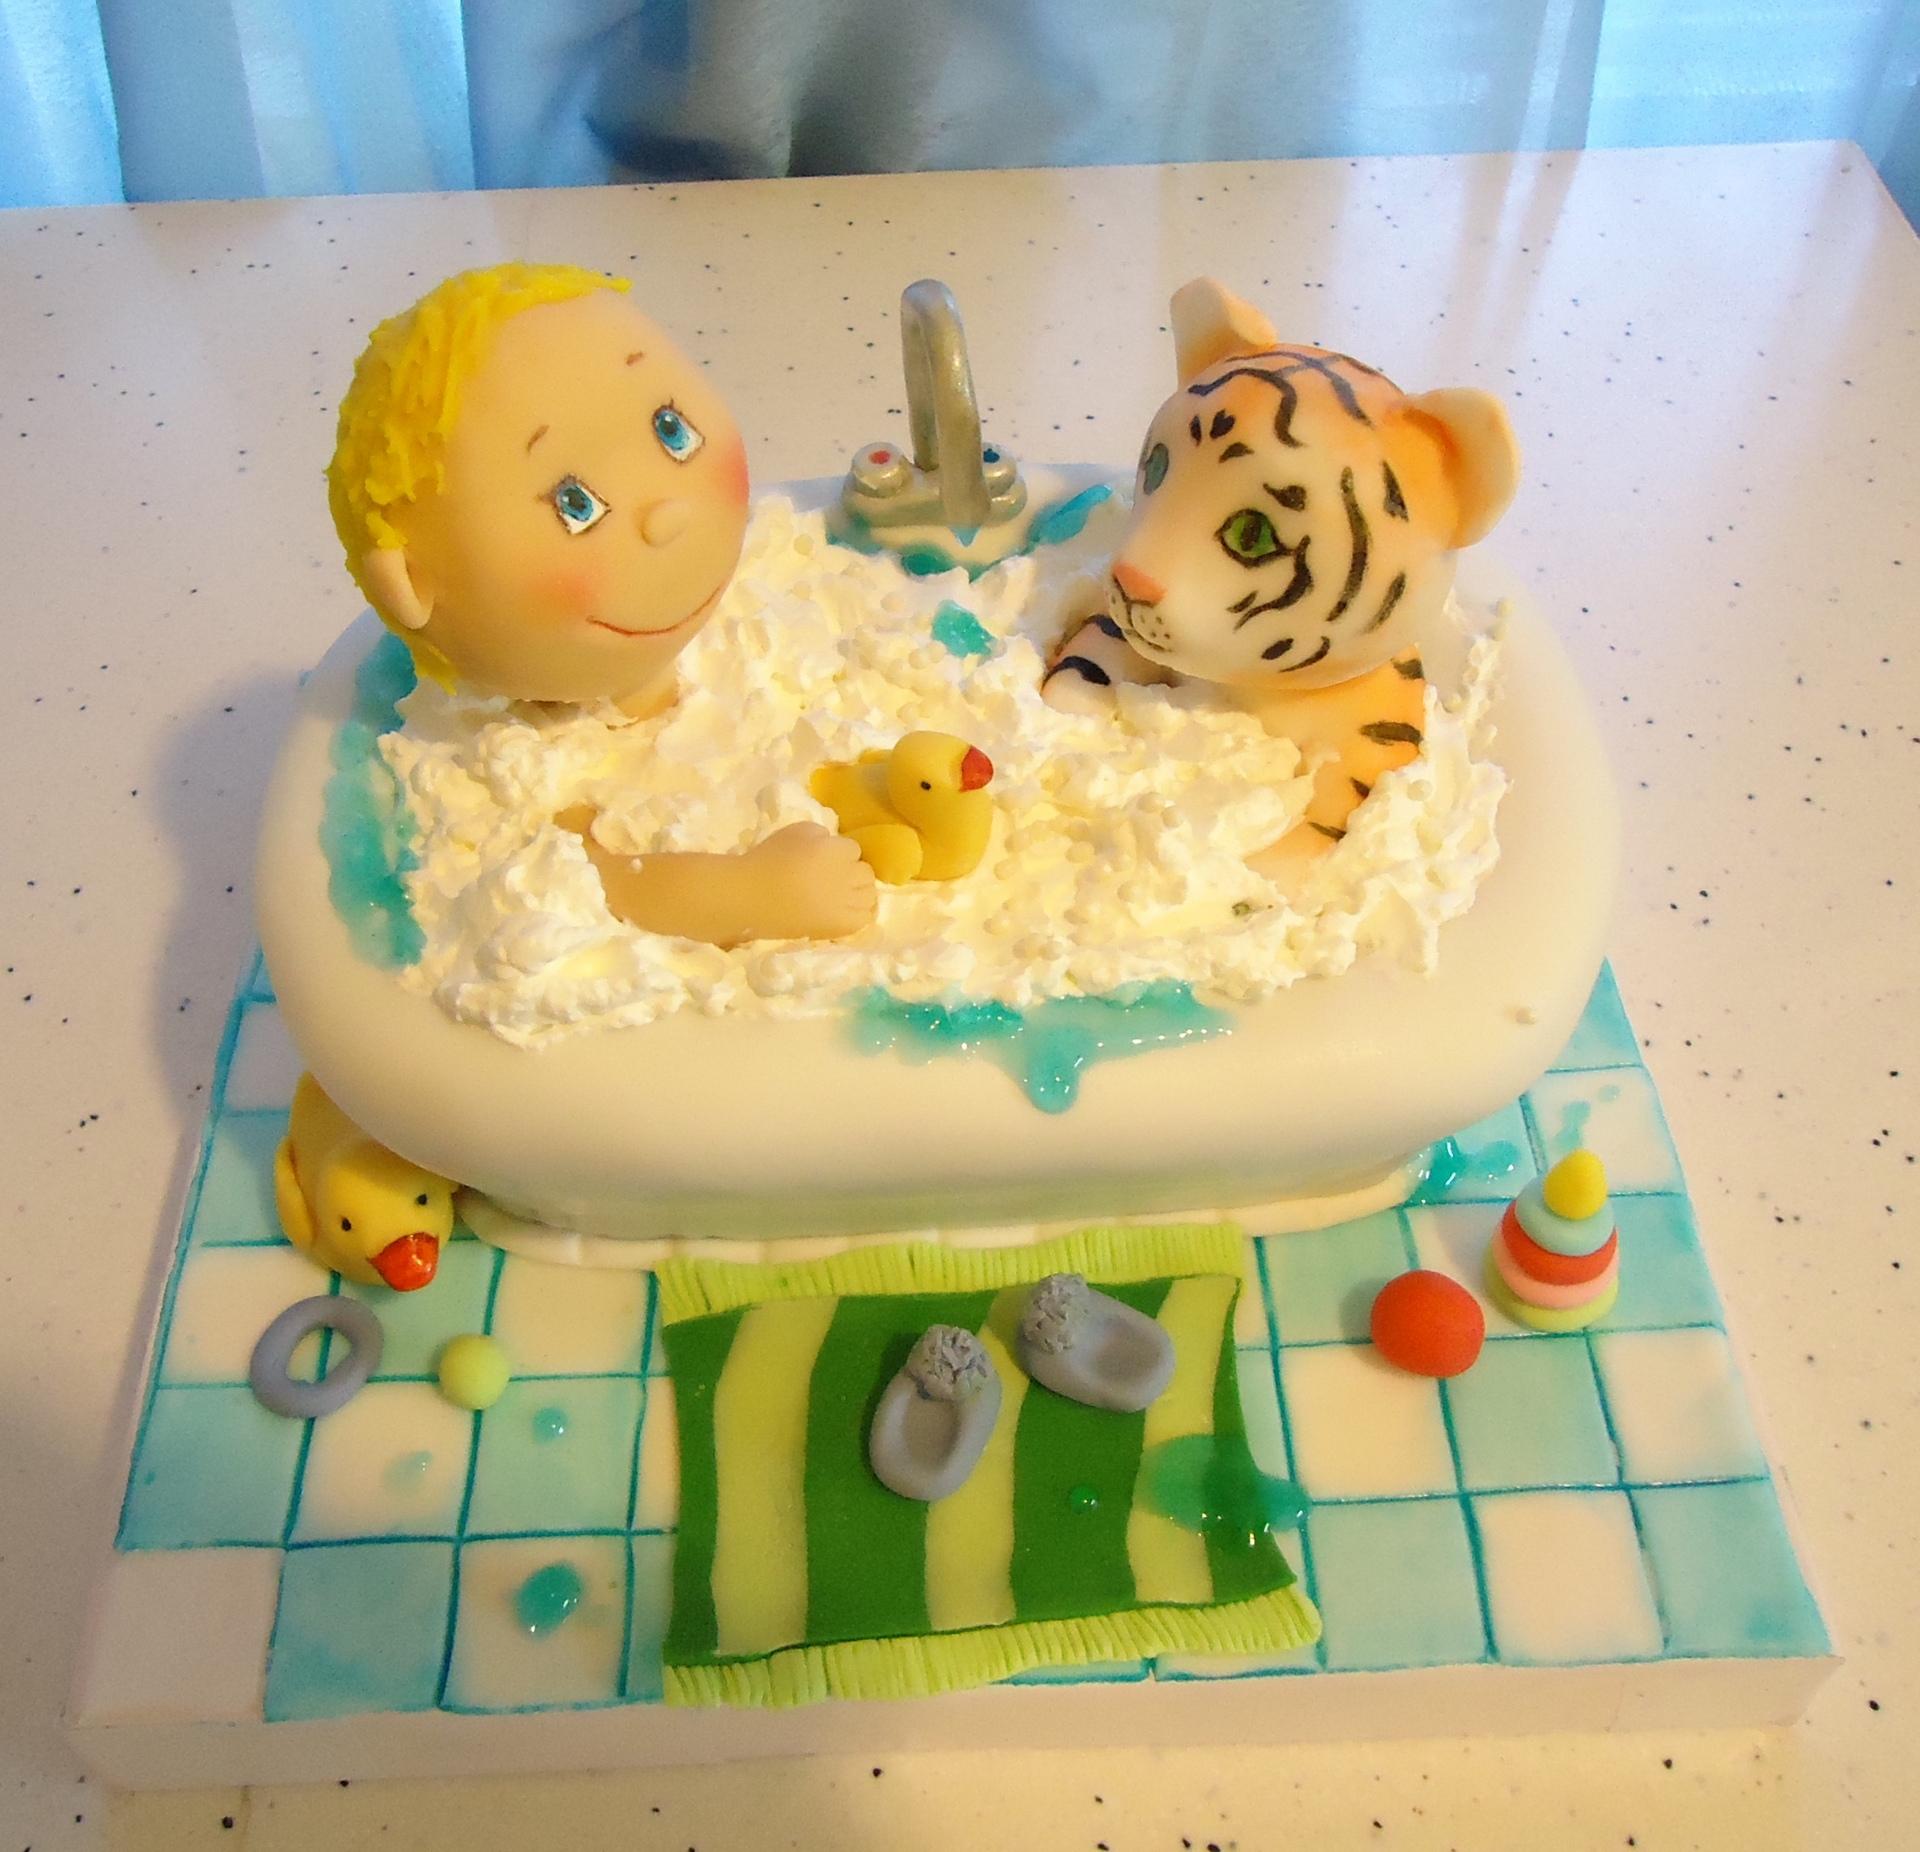 связи чем, картинки самый необычный торт на годик парк расположенный месте